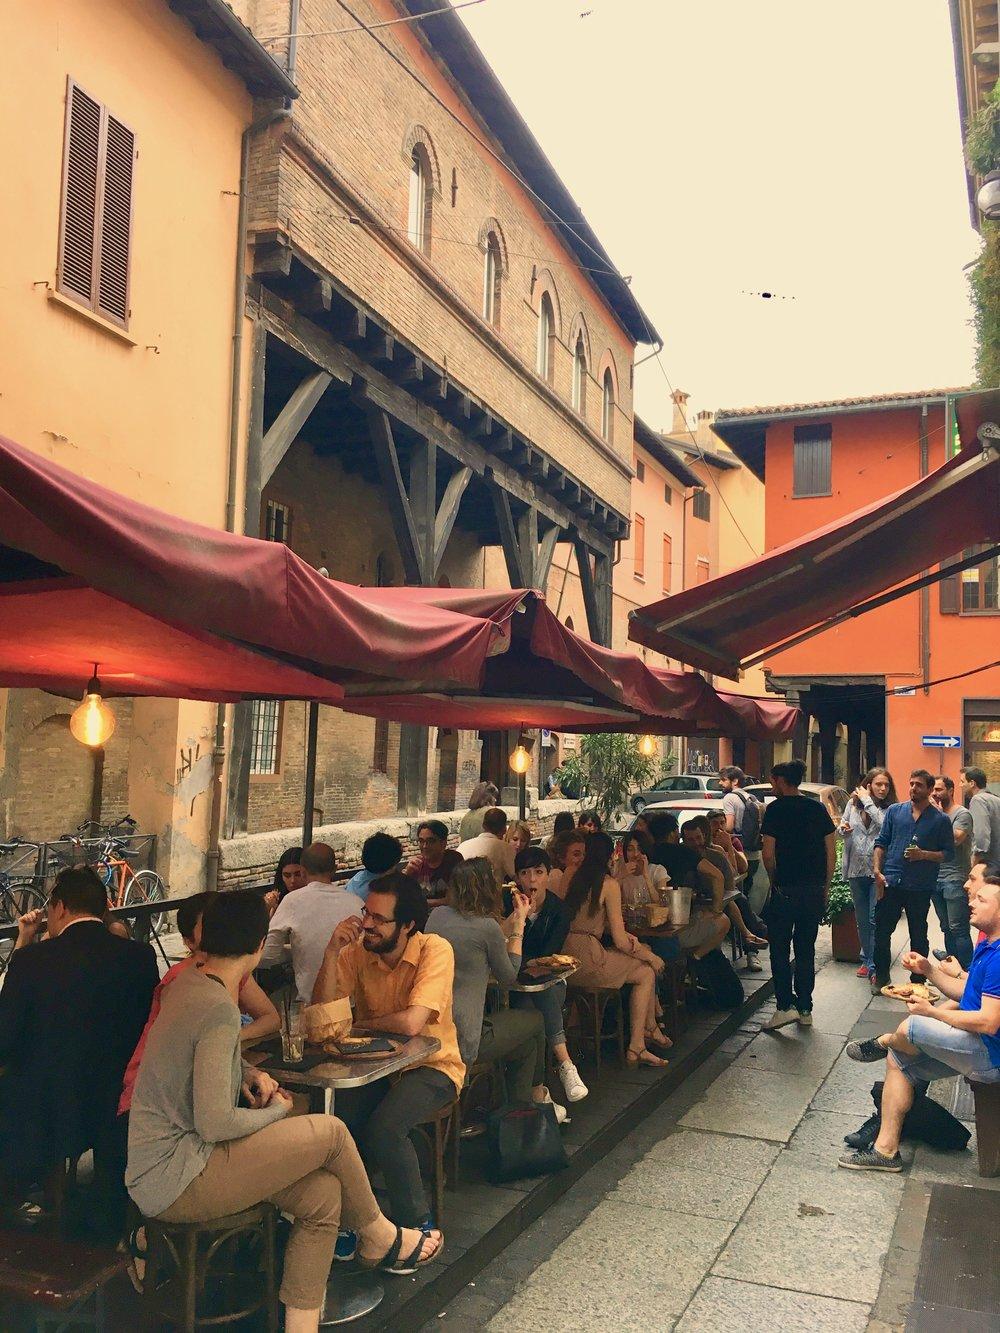 Aperitivo in Bologna, italy